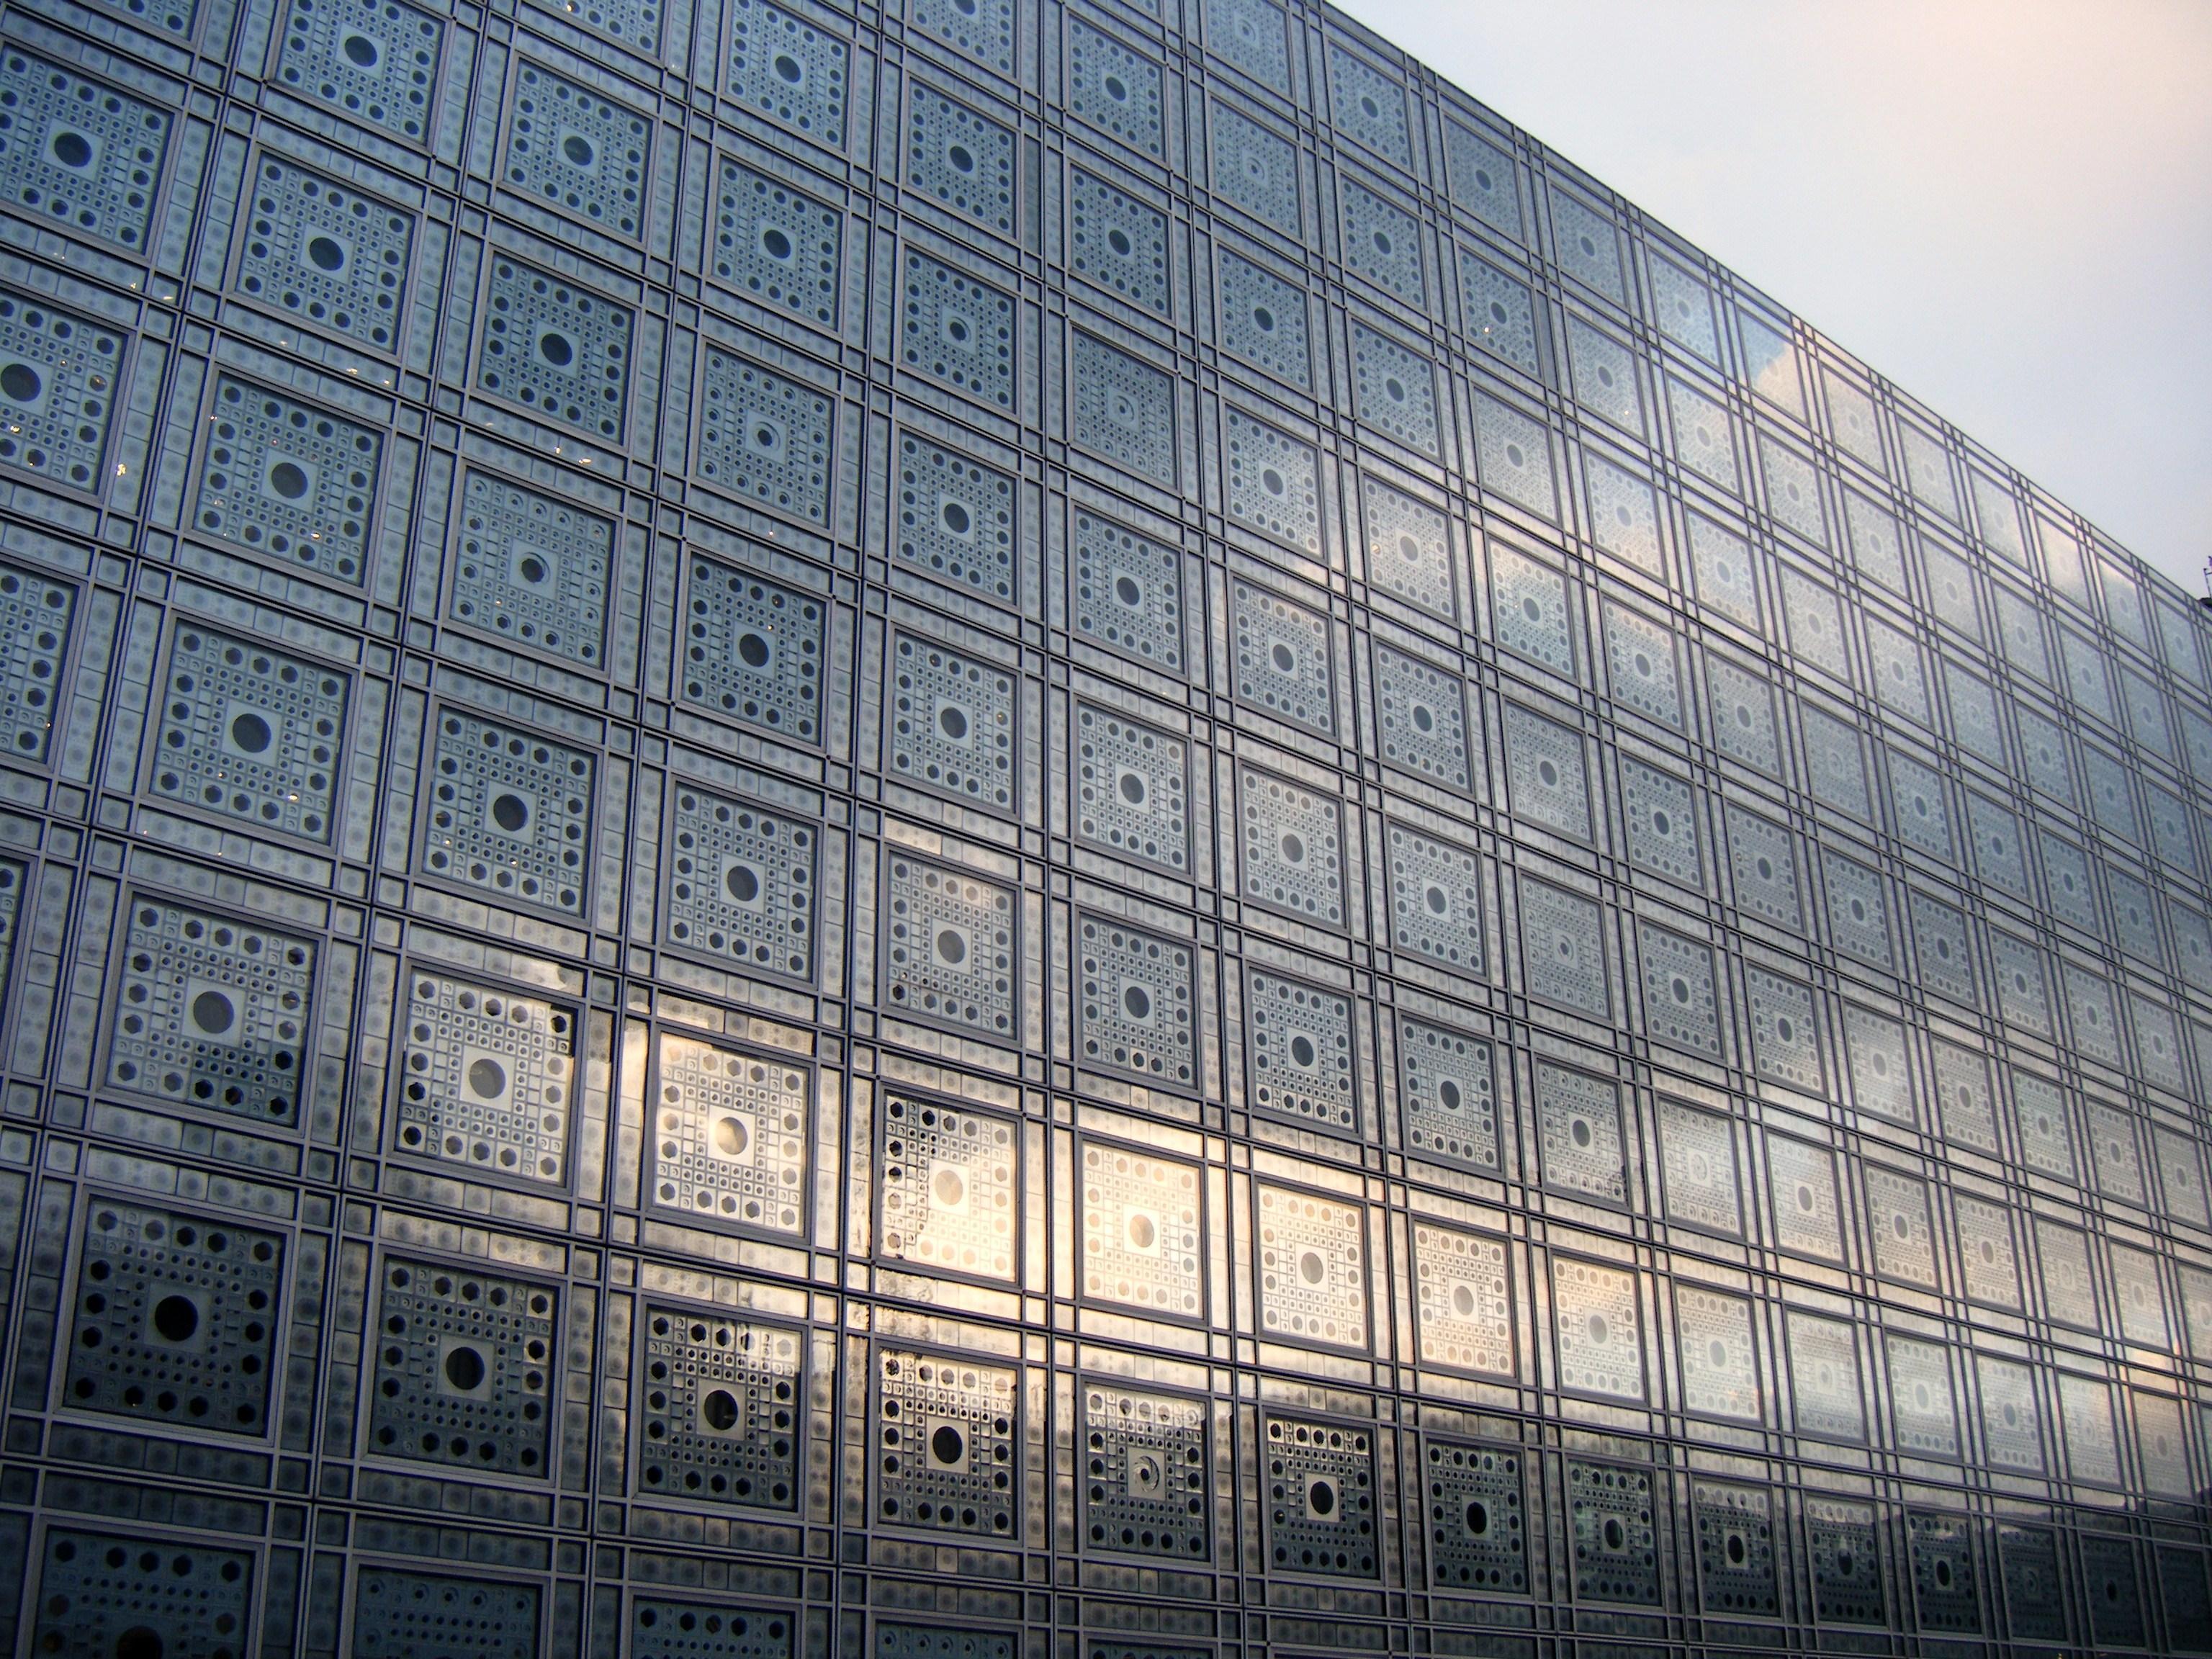 Jeux de lumi re l institut du monde arabe paperblog for Lumiere exterieur facade